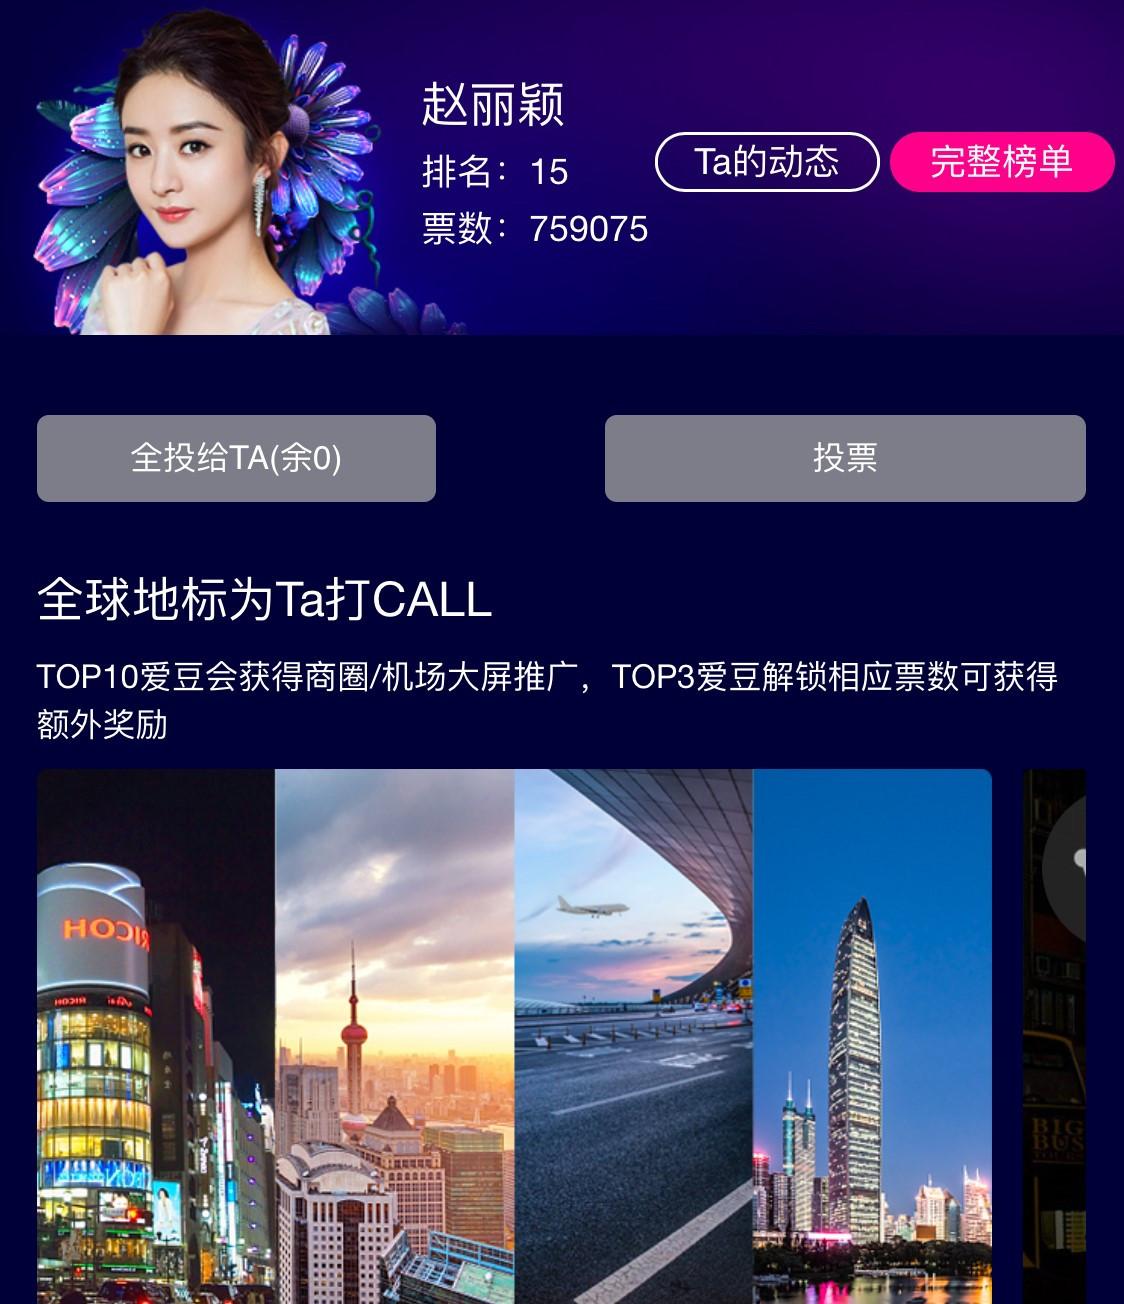 TFBOYS赵丽颖张艺兴10名开外,多数不足80万票,粉丝不知道?